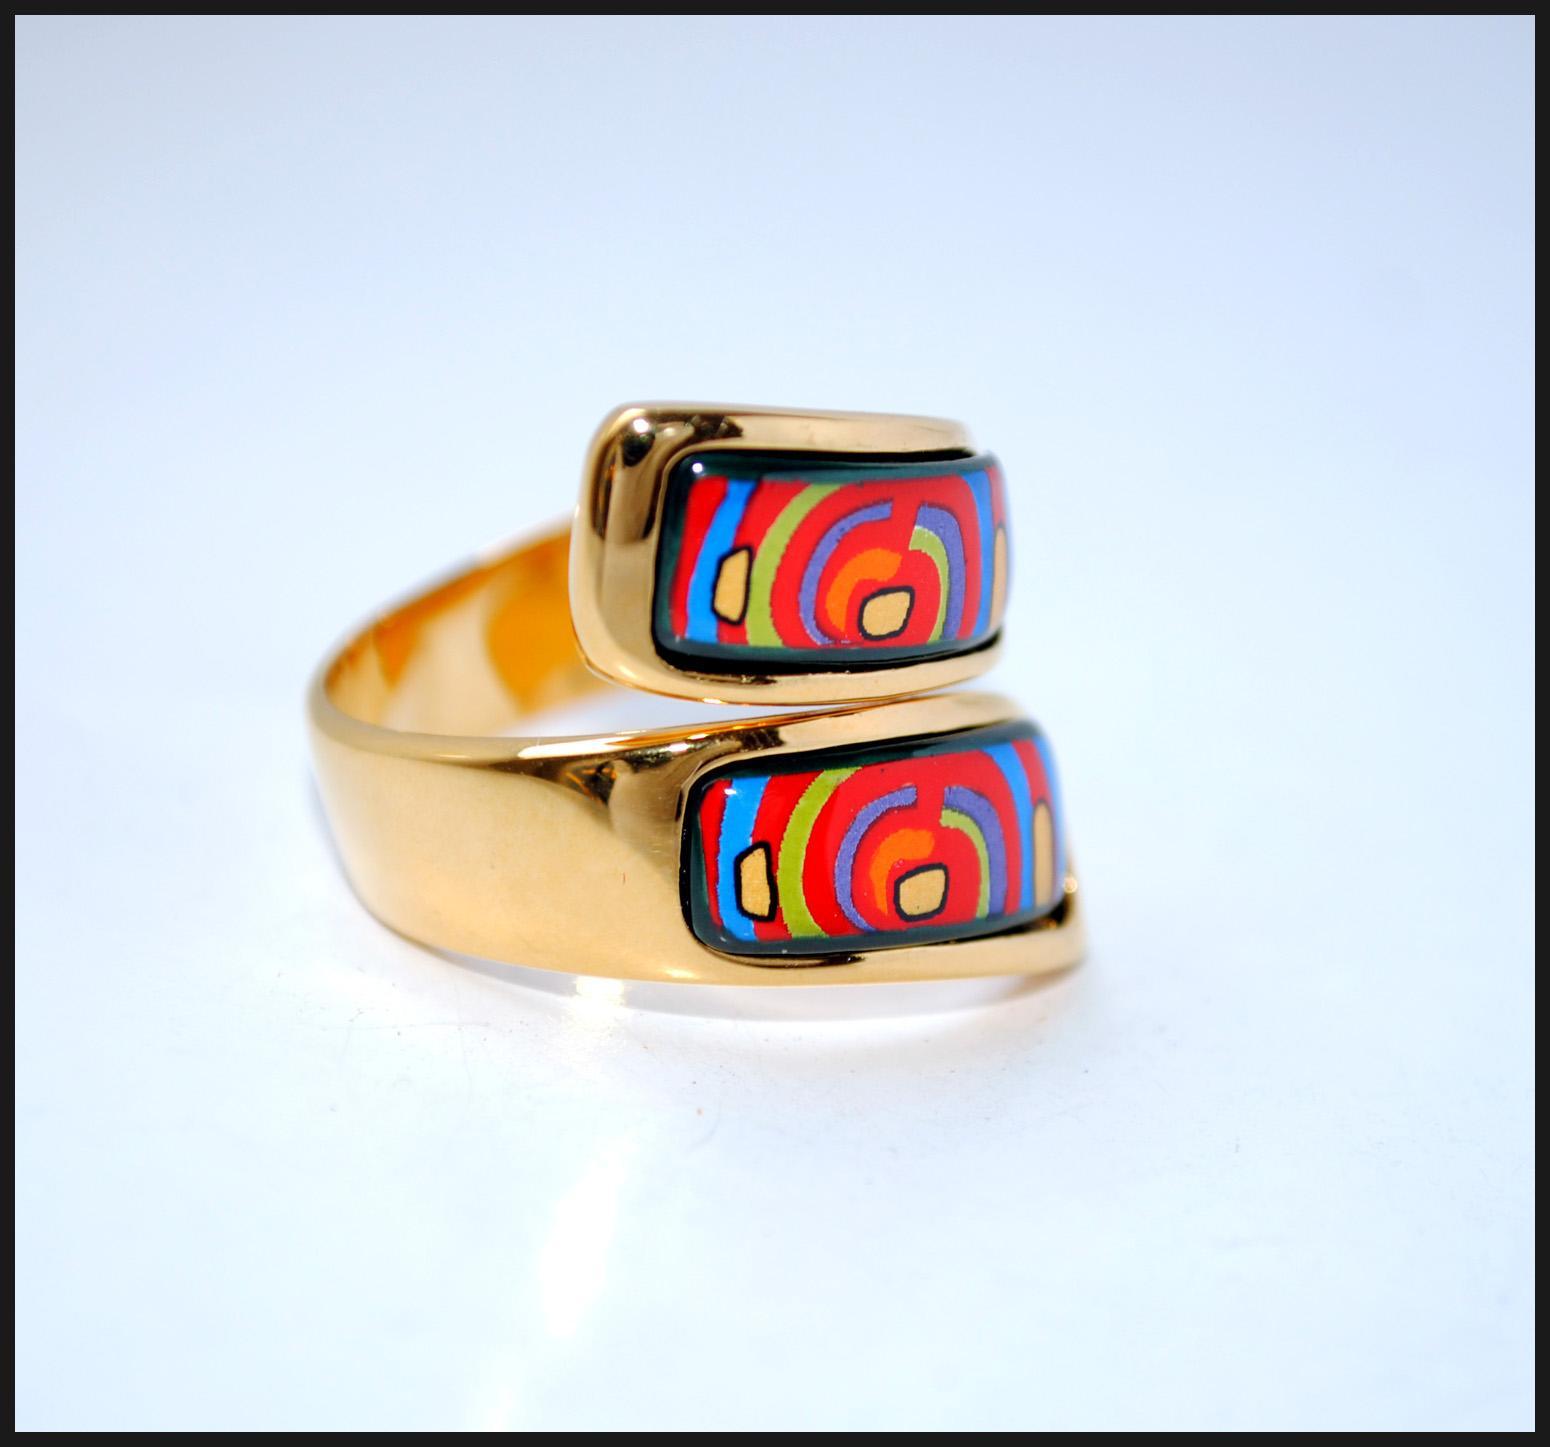 Serie del ciclo de vida 18K anillo doble curvado esmalte dorado Anillo de calidad superior para anillos de banda de mujeres para regalo